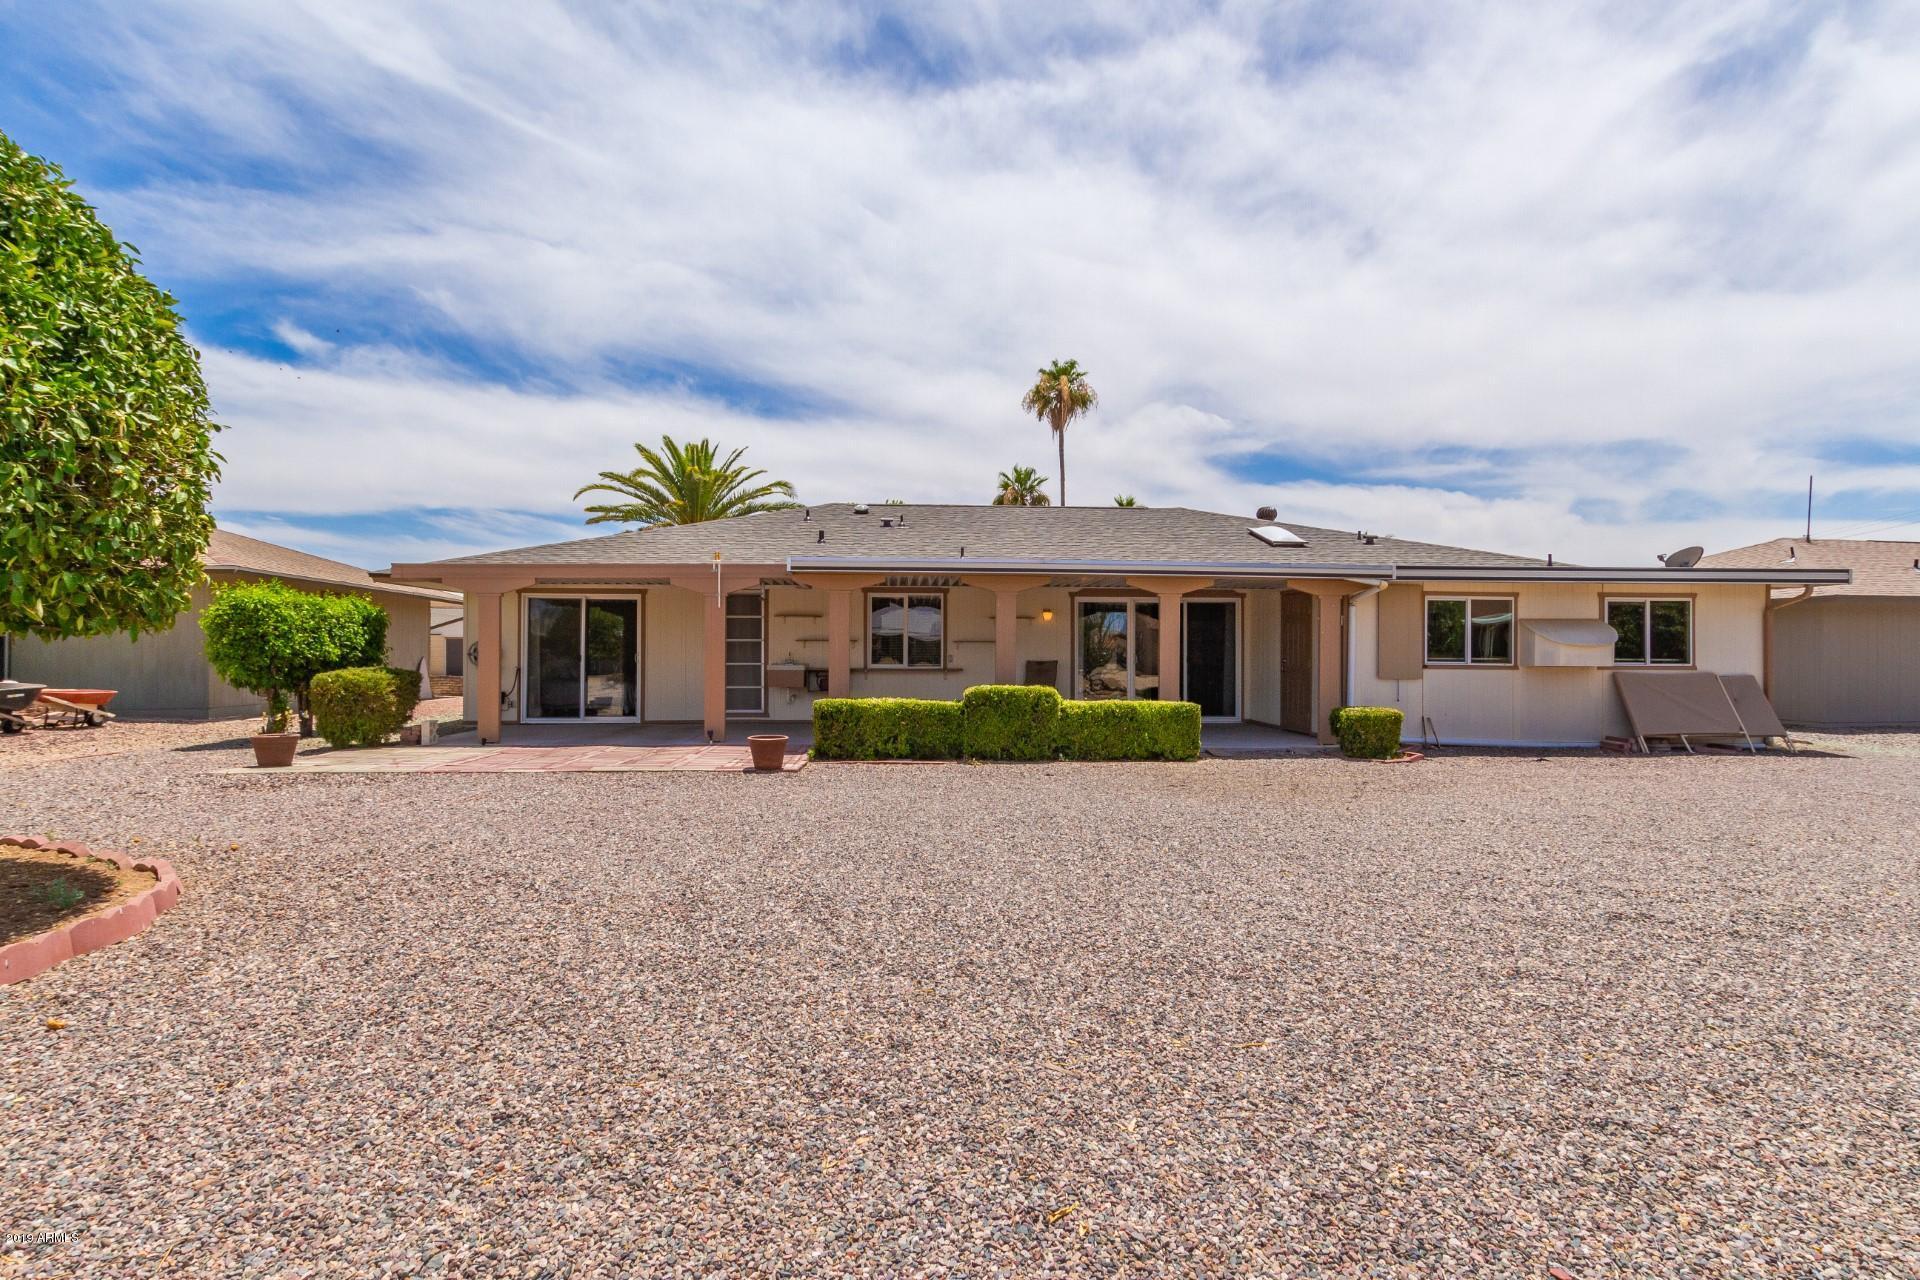 MLS 5944611 11080 W PLEASANT VALLEY Road, Sun City, AZ 85351 Sun City AZ Adult Community